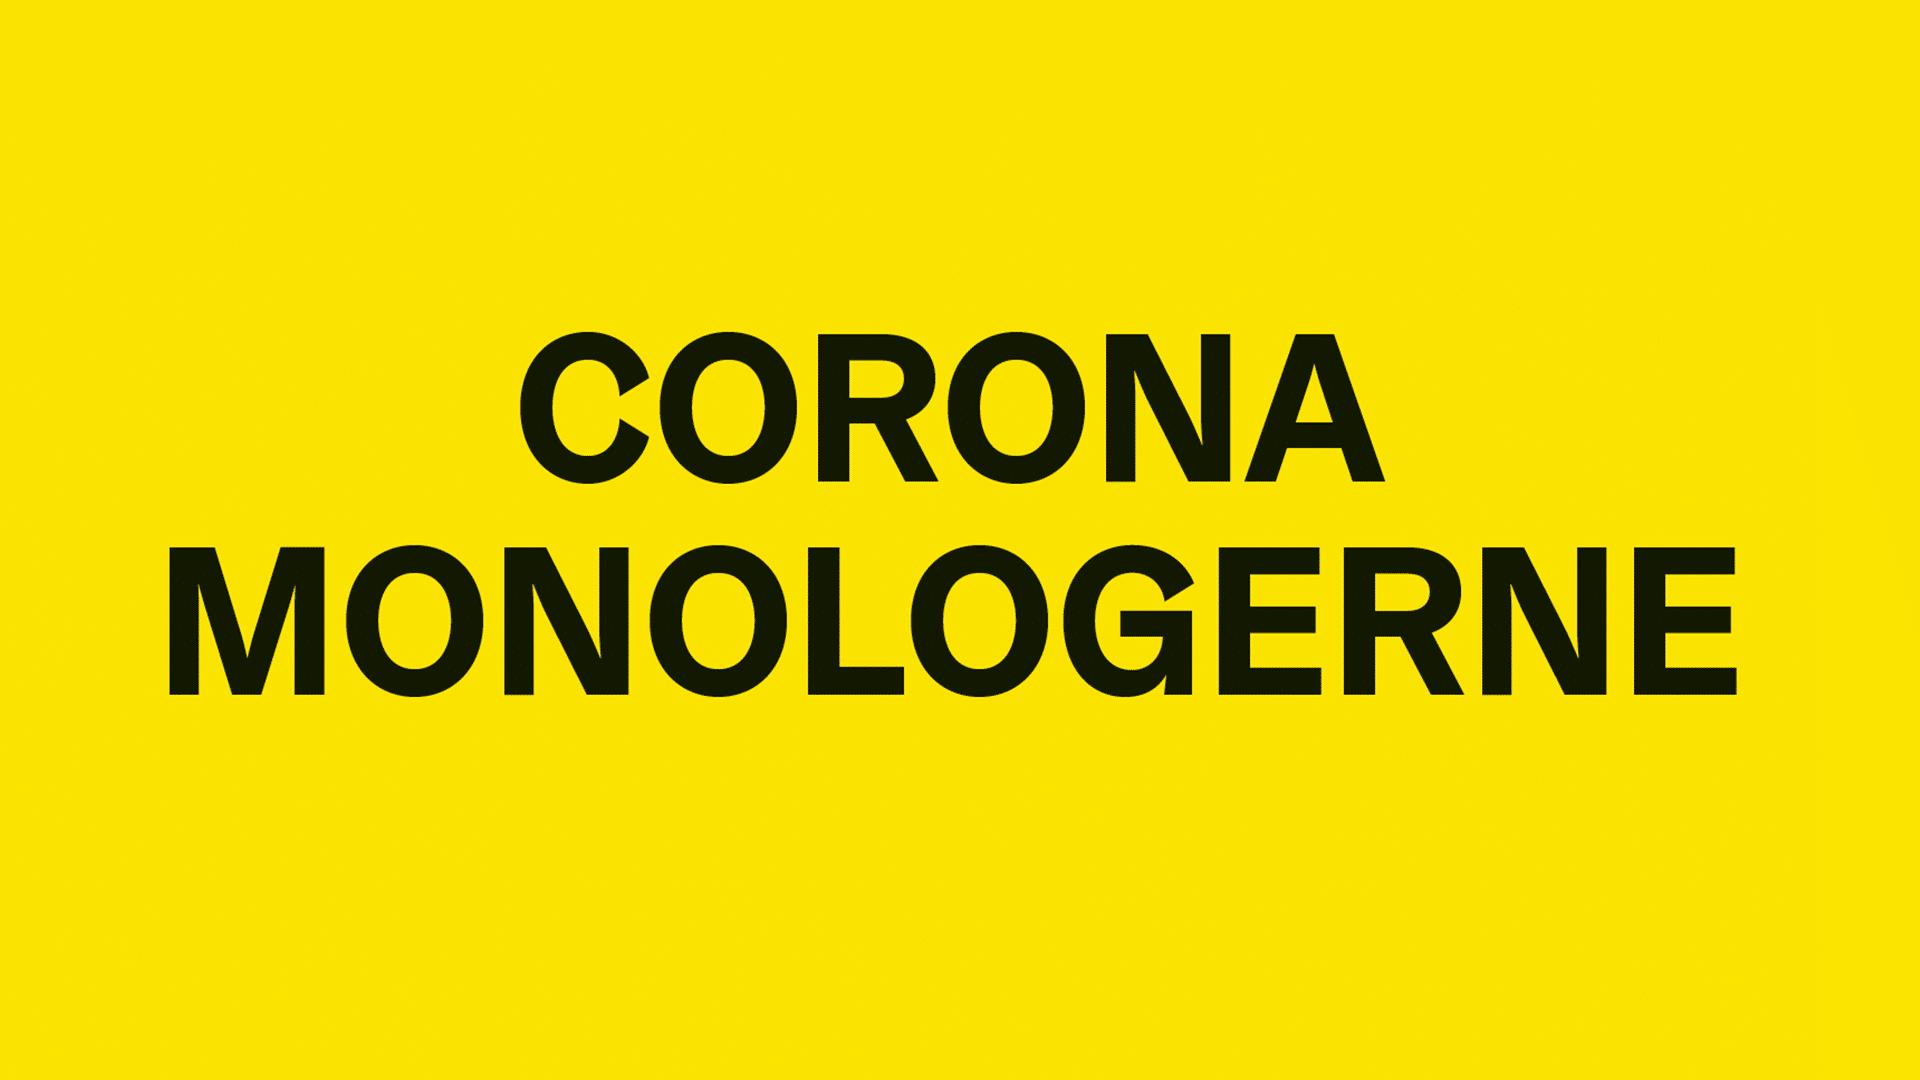 Coronamonologerne